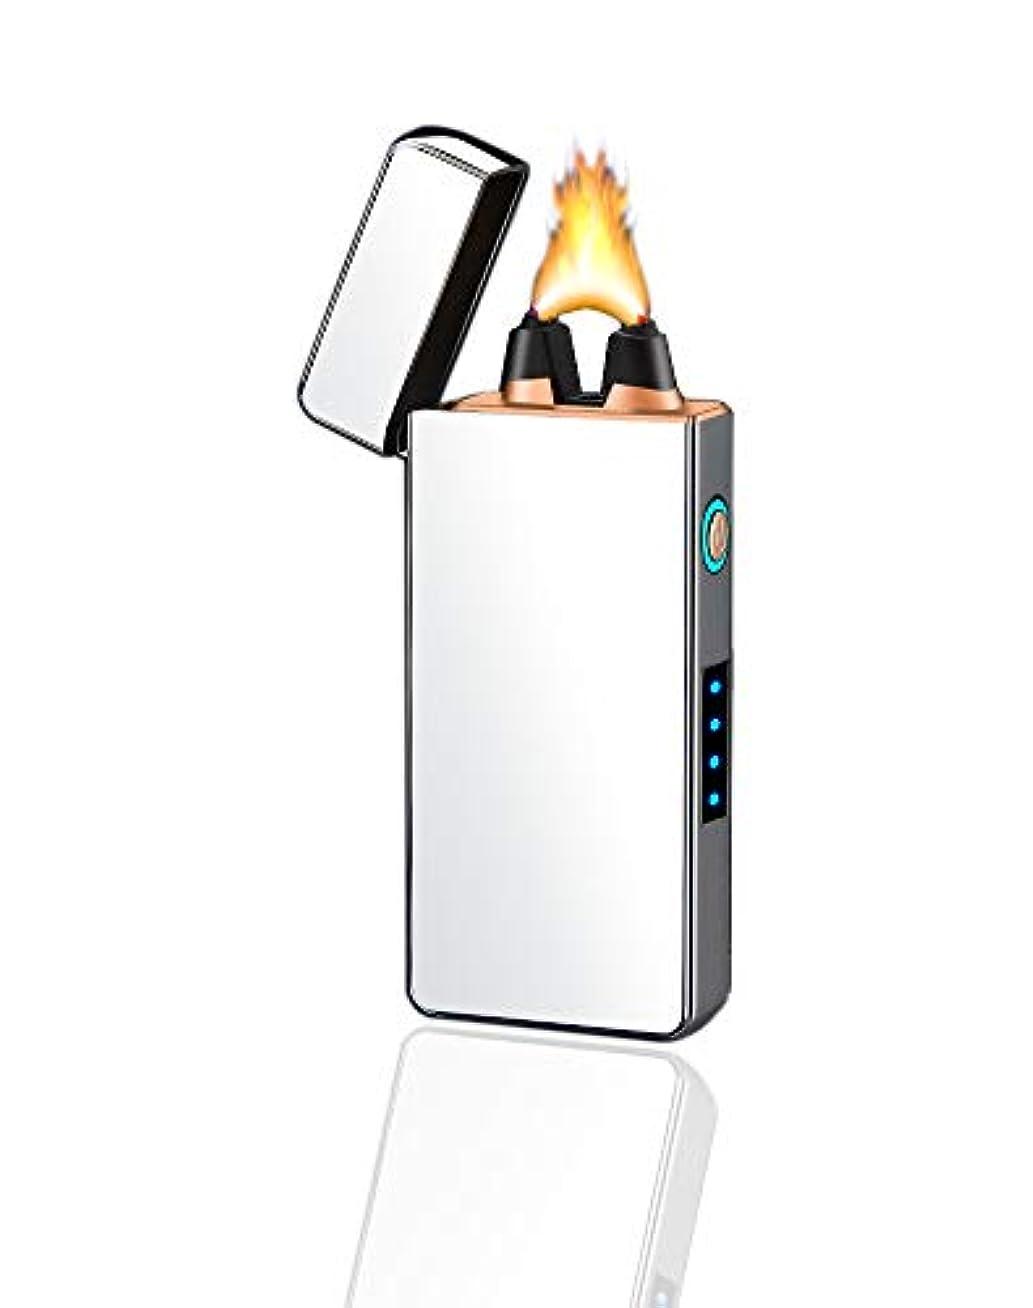 モール高揚したしゃがむ[WDMART] 電子ライター USBライター 充電ライター メタルライター 葉巻ライター 艾灸 艾条ライター 防風 軽量 大電力点火器 バッテリ残量デジタル表示 誕生日プレゼント (シルバーアイス)